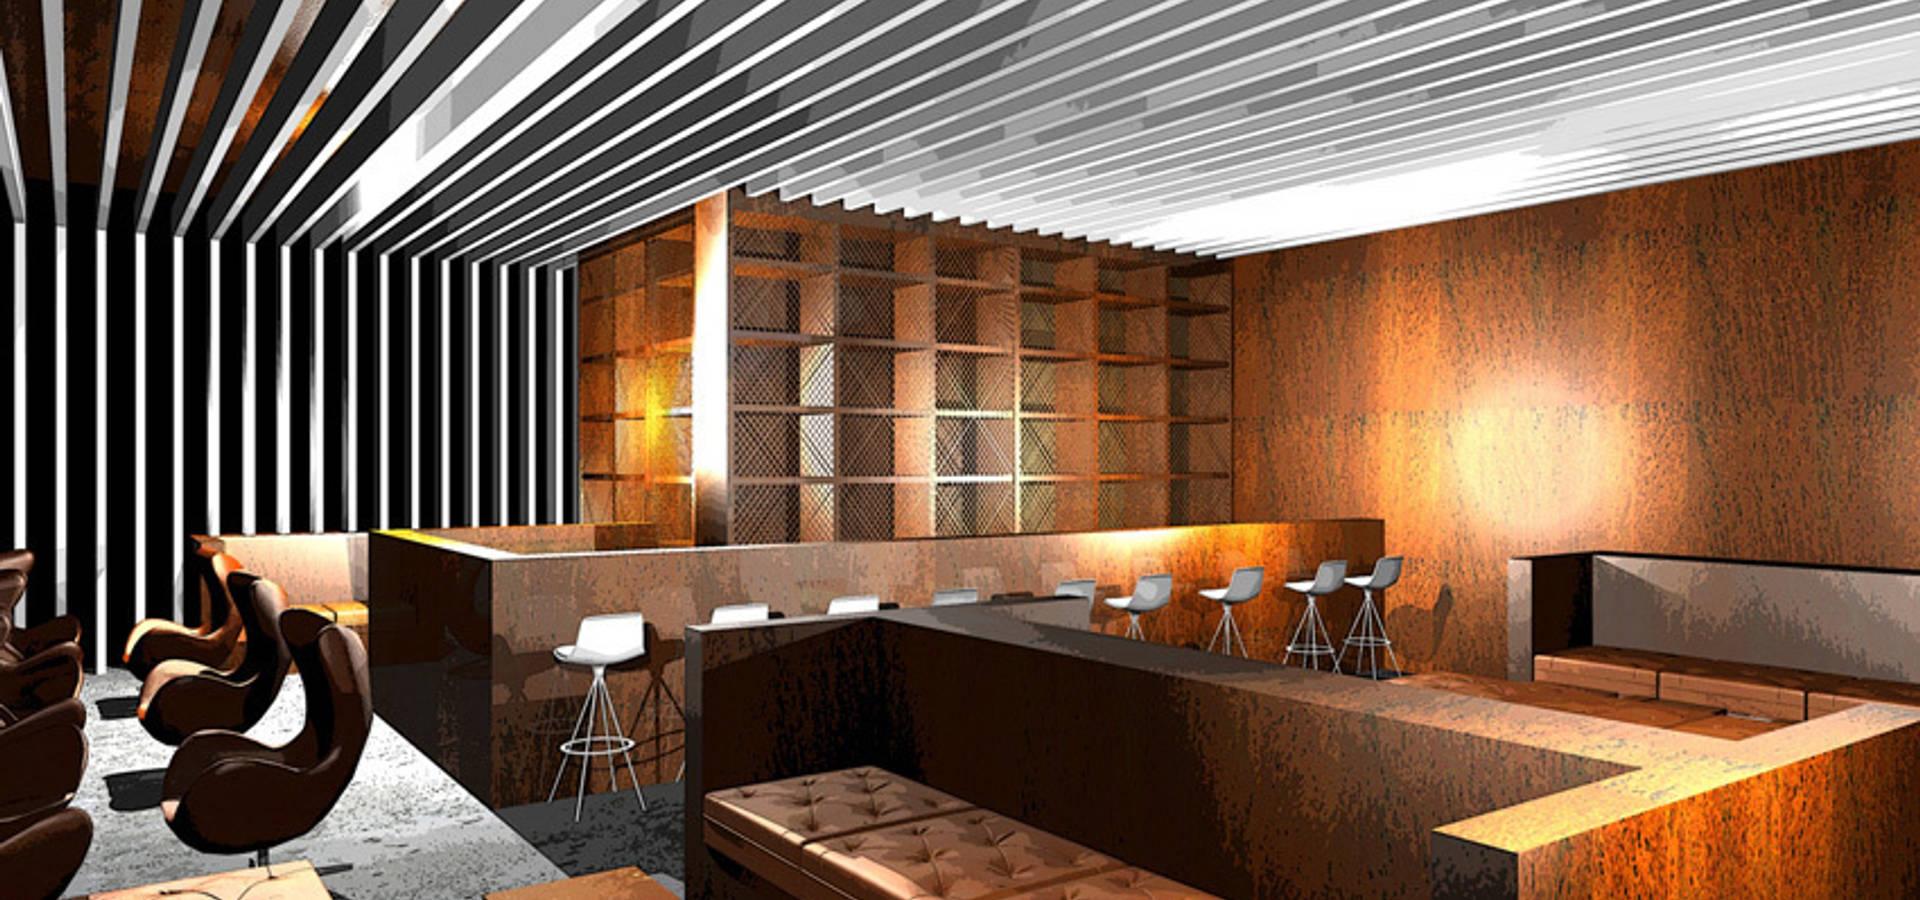 Entwurf und Konzept - Bar in Berlin von Büro VonSchöngestalt | homify